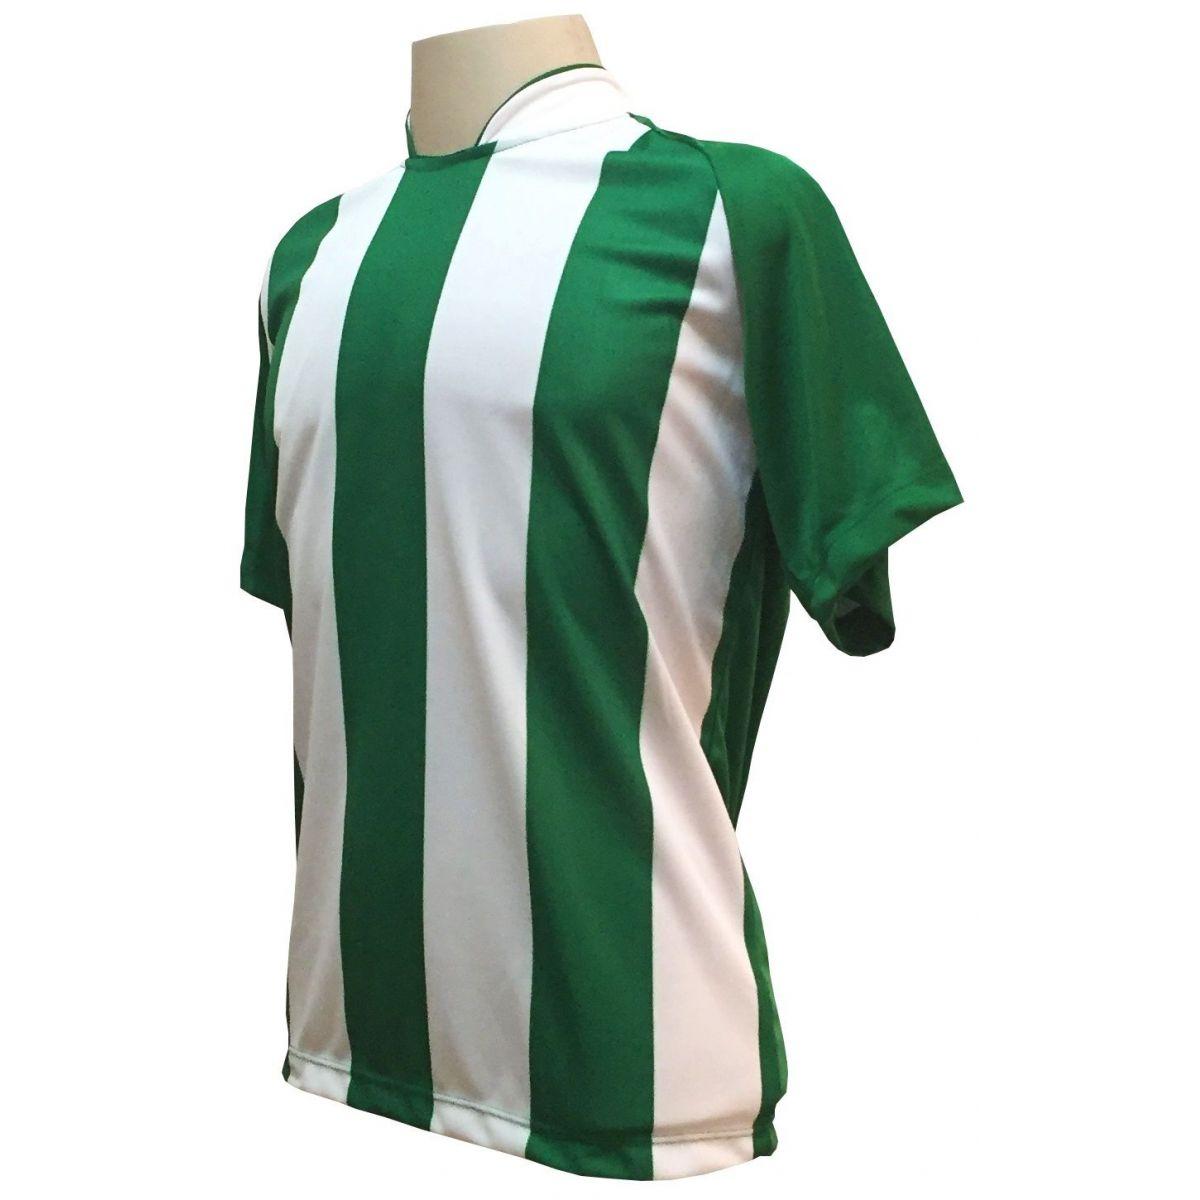 Uniforme Esportivo com 20 Camisas modelo Milan Verde/Branco + 20 Calções modelo Madrid Branco